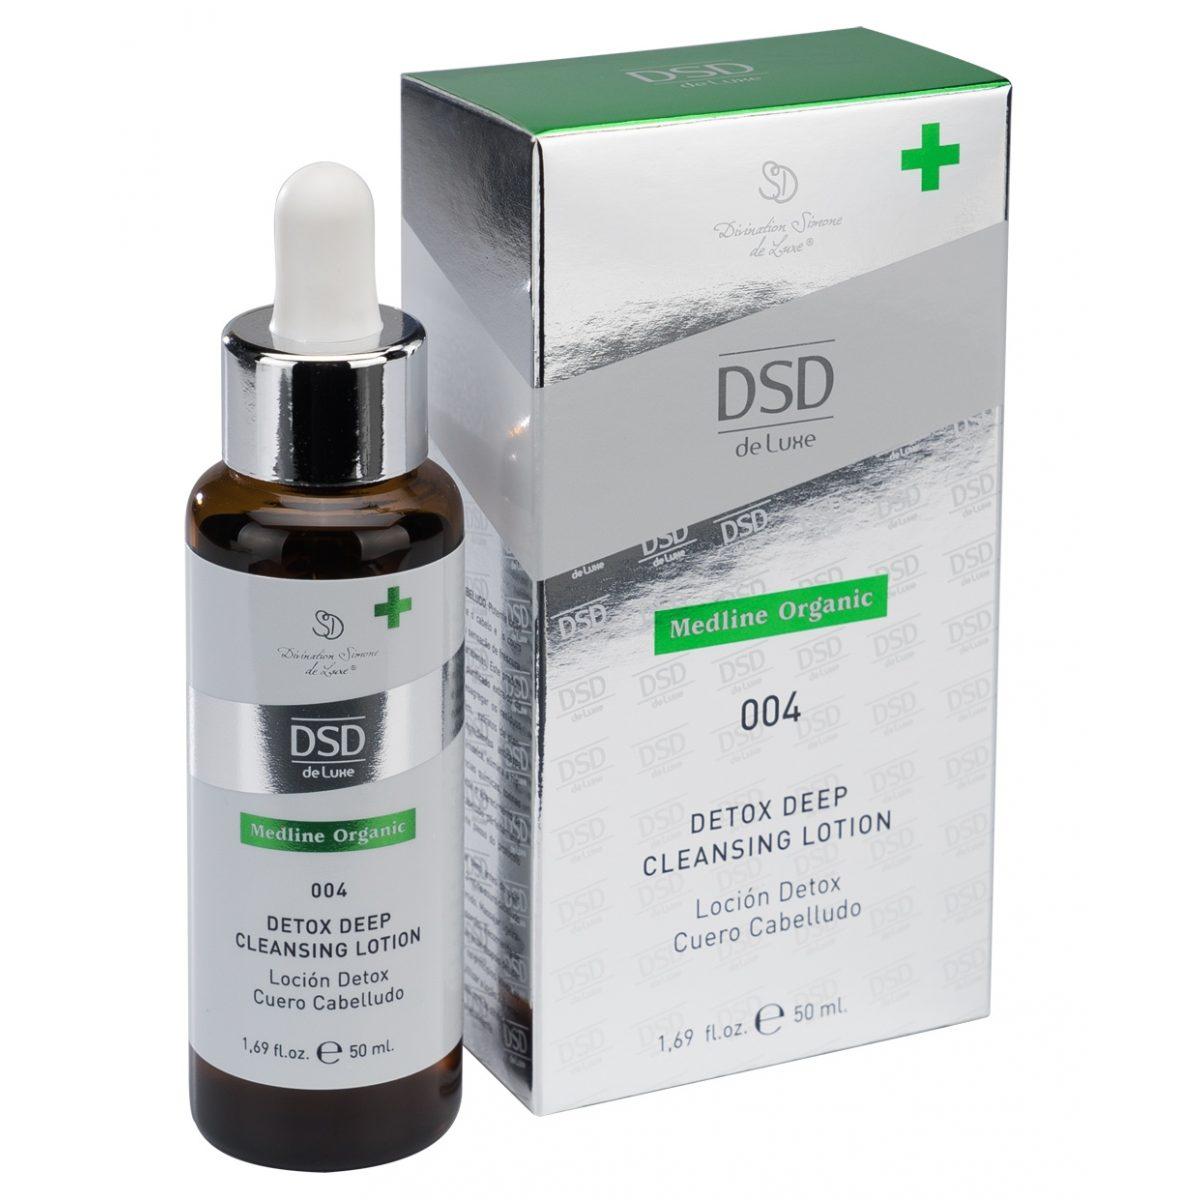 DSD DE LUXE 004 Detox deep cleansing lotion